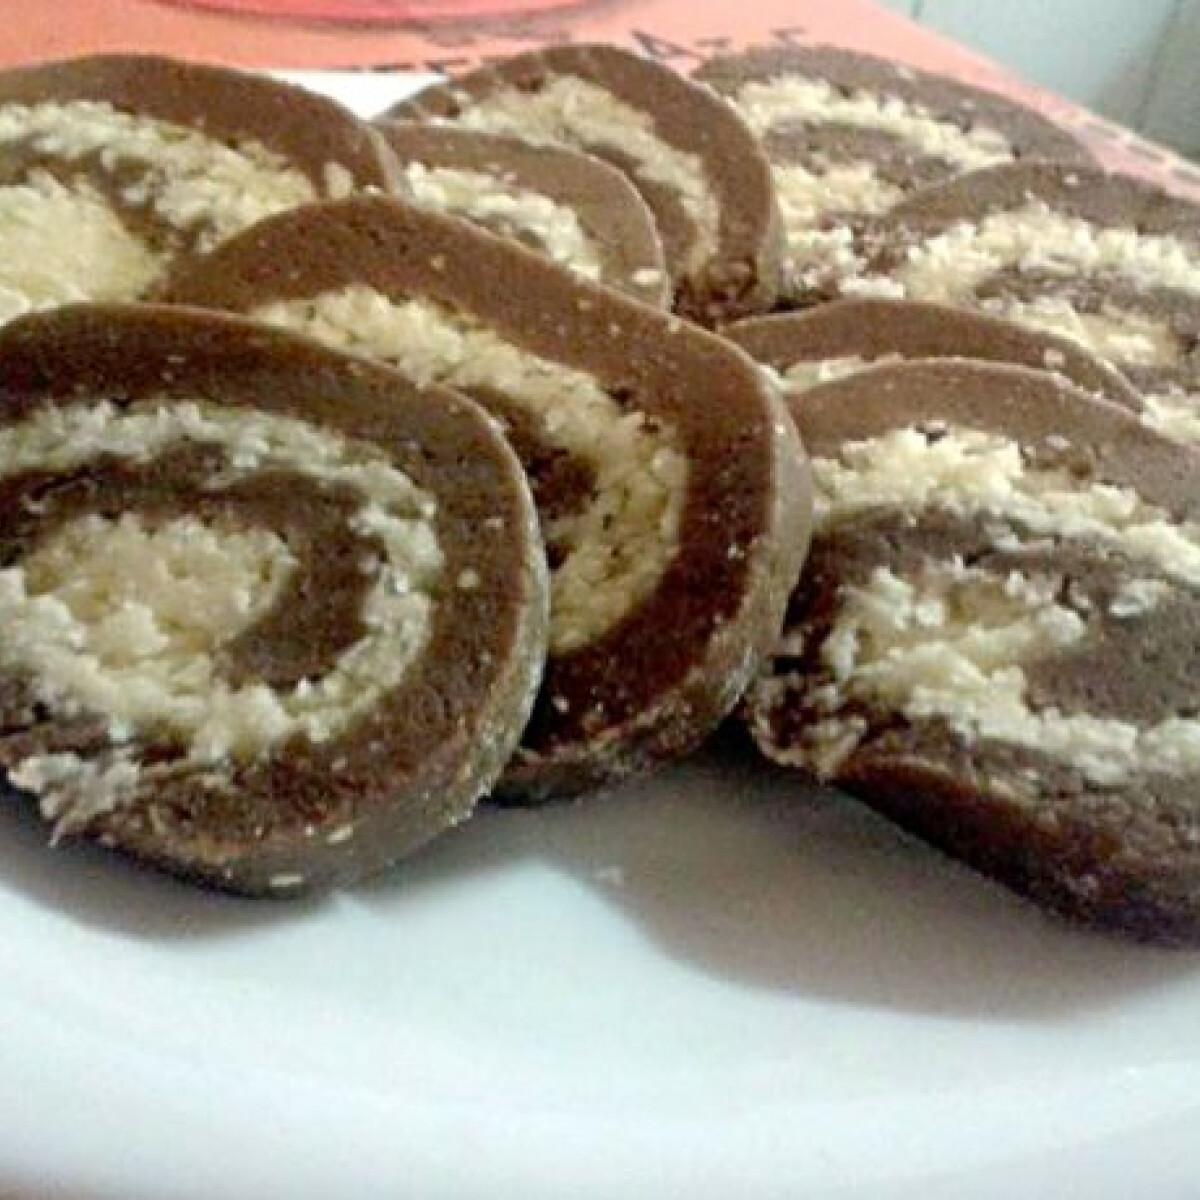 Ezen a képen: Kókuszos keksztekercs Vikóca konyhájából